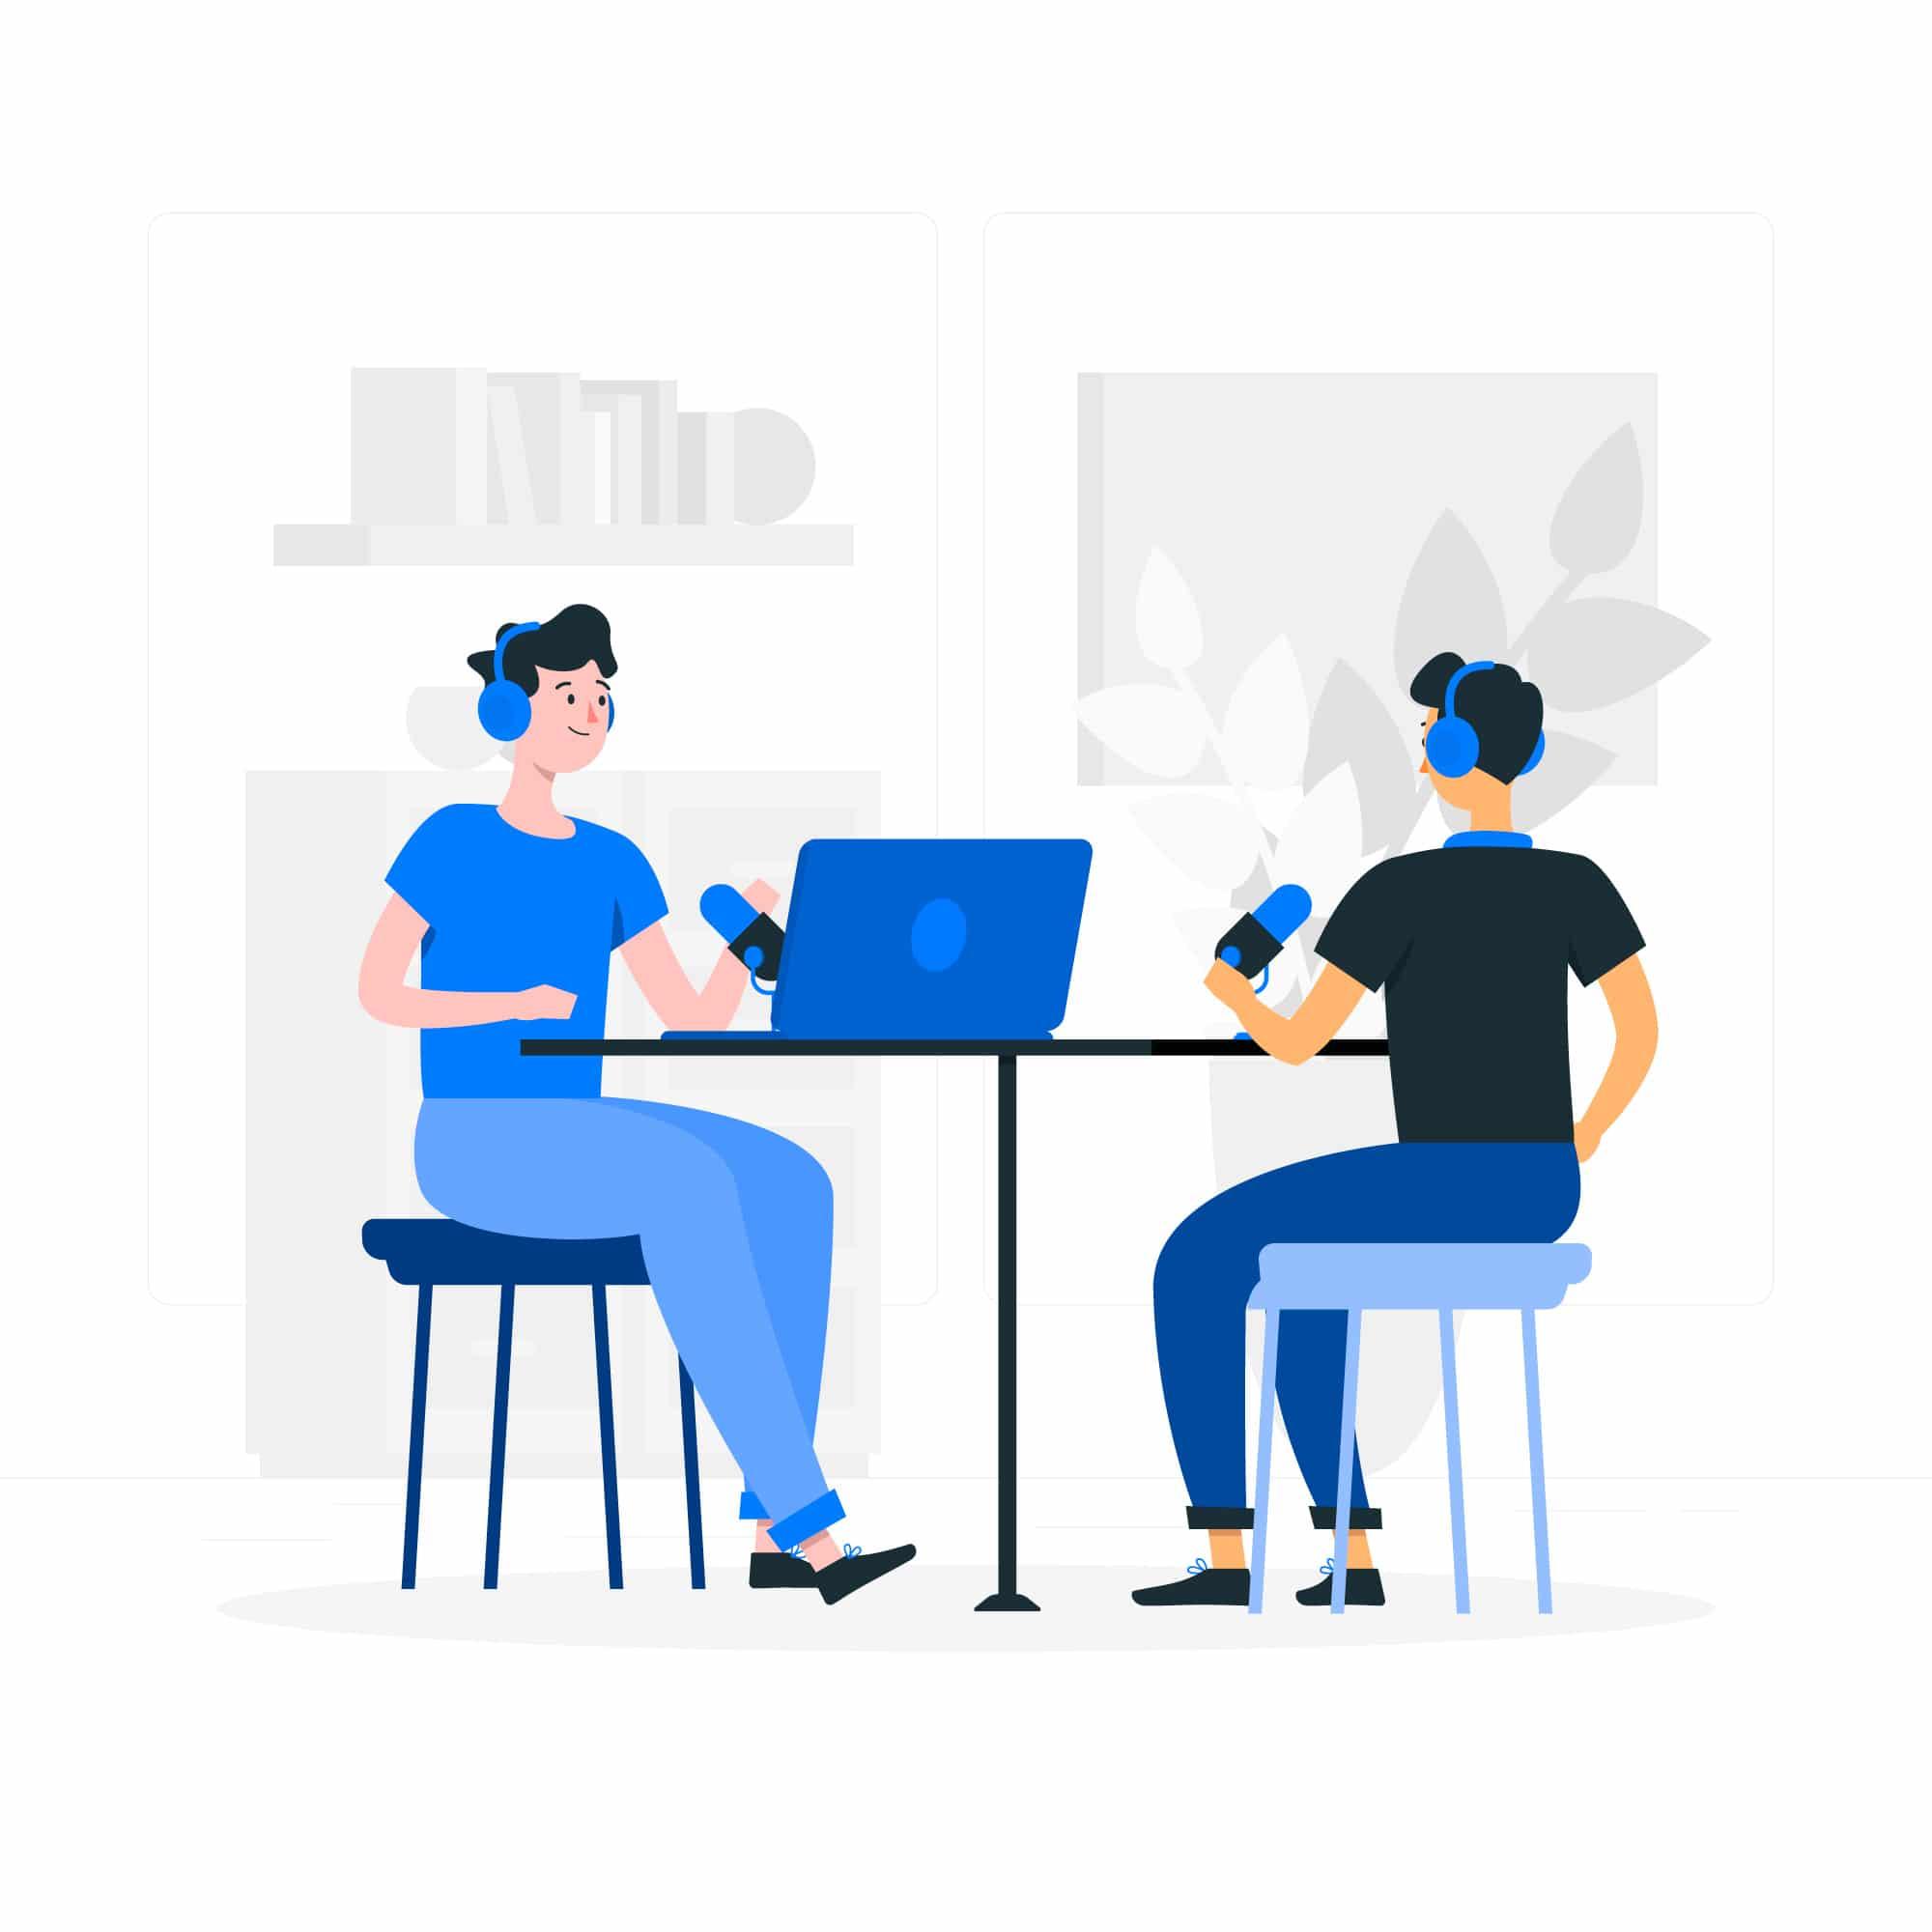 Le podcast favorise la diffusion de votre expertise